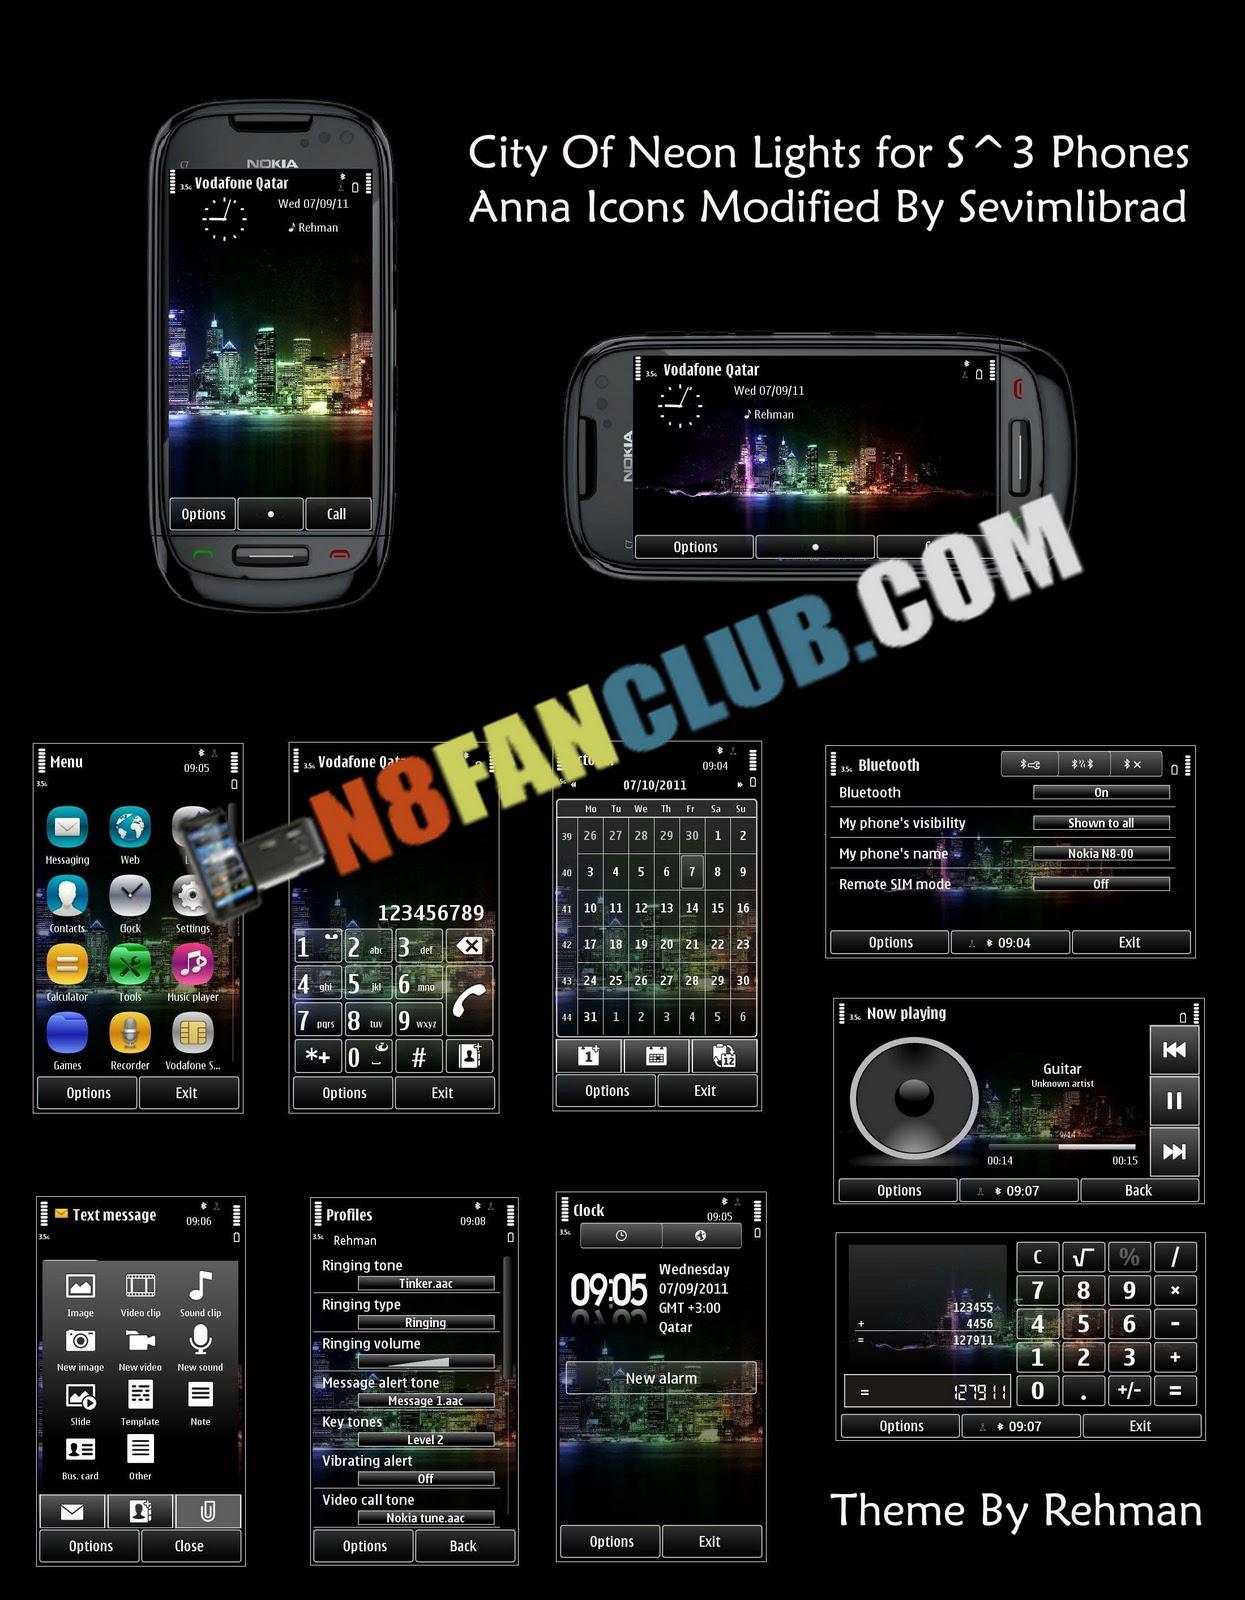 http://2.bp.blogspot.com/-h8lCvkIOnBA/TwxB7677QLI/AAAAAAAAG2k/C0AX3Si22Hk/s1600/img-95833-tn-preview.jpg